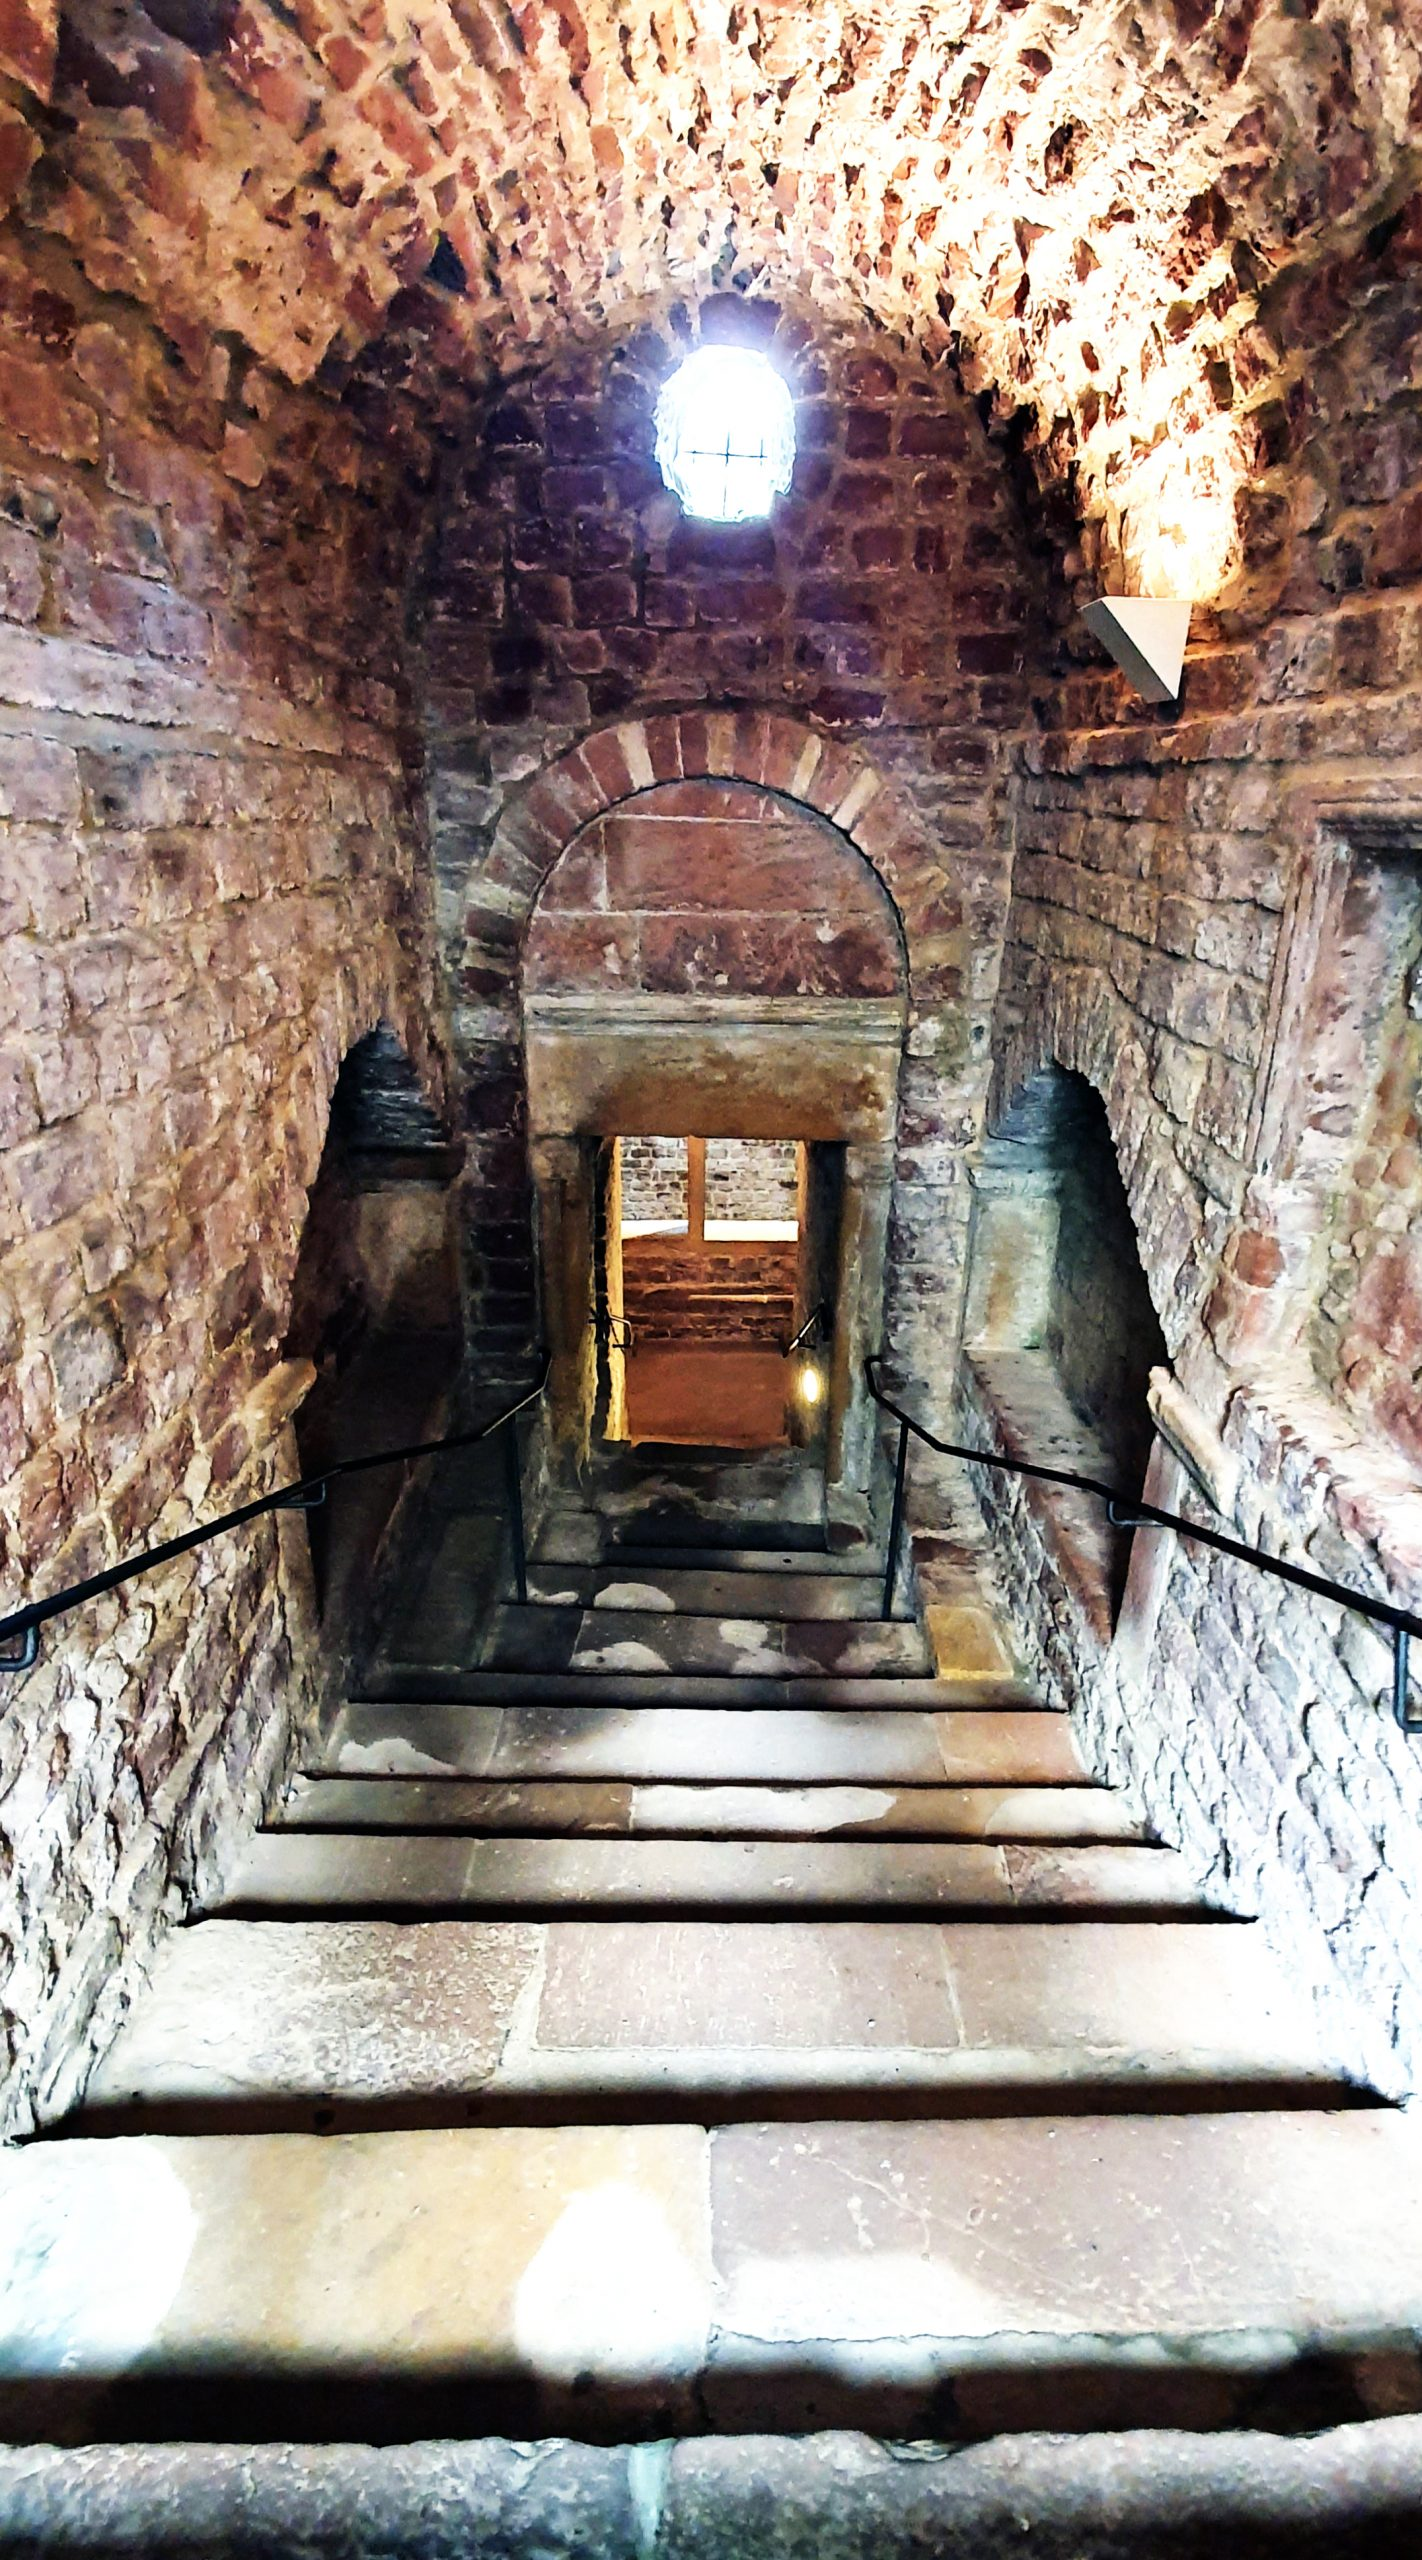 Treppen zum Badeschacht des Ritualbads im Judenhof in Speyer